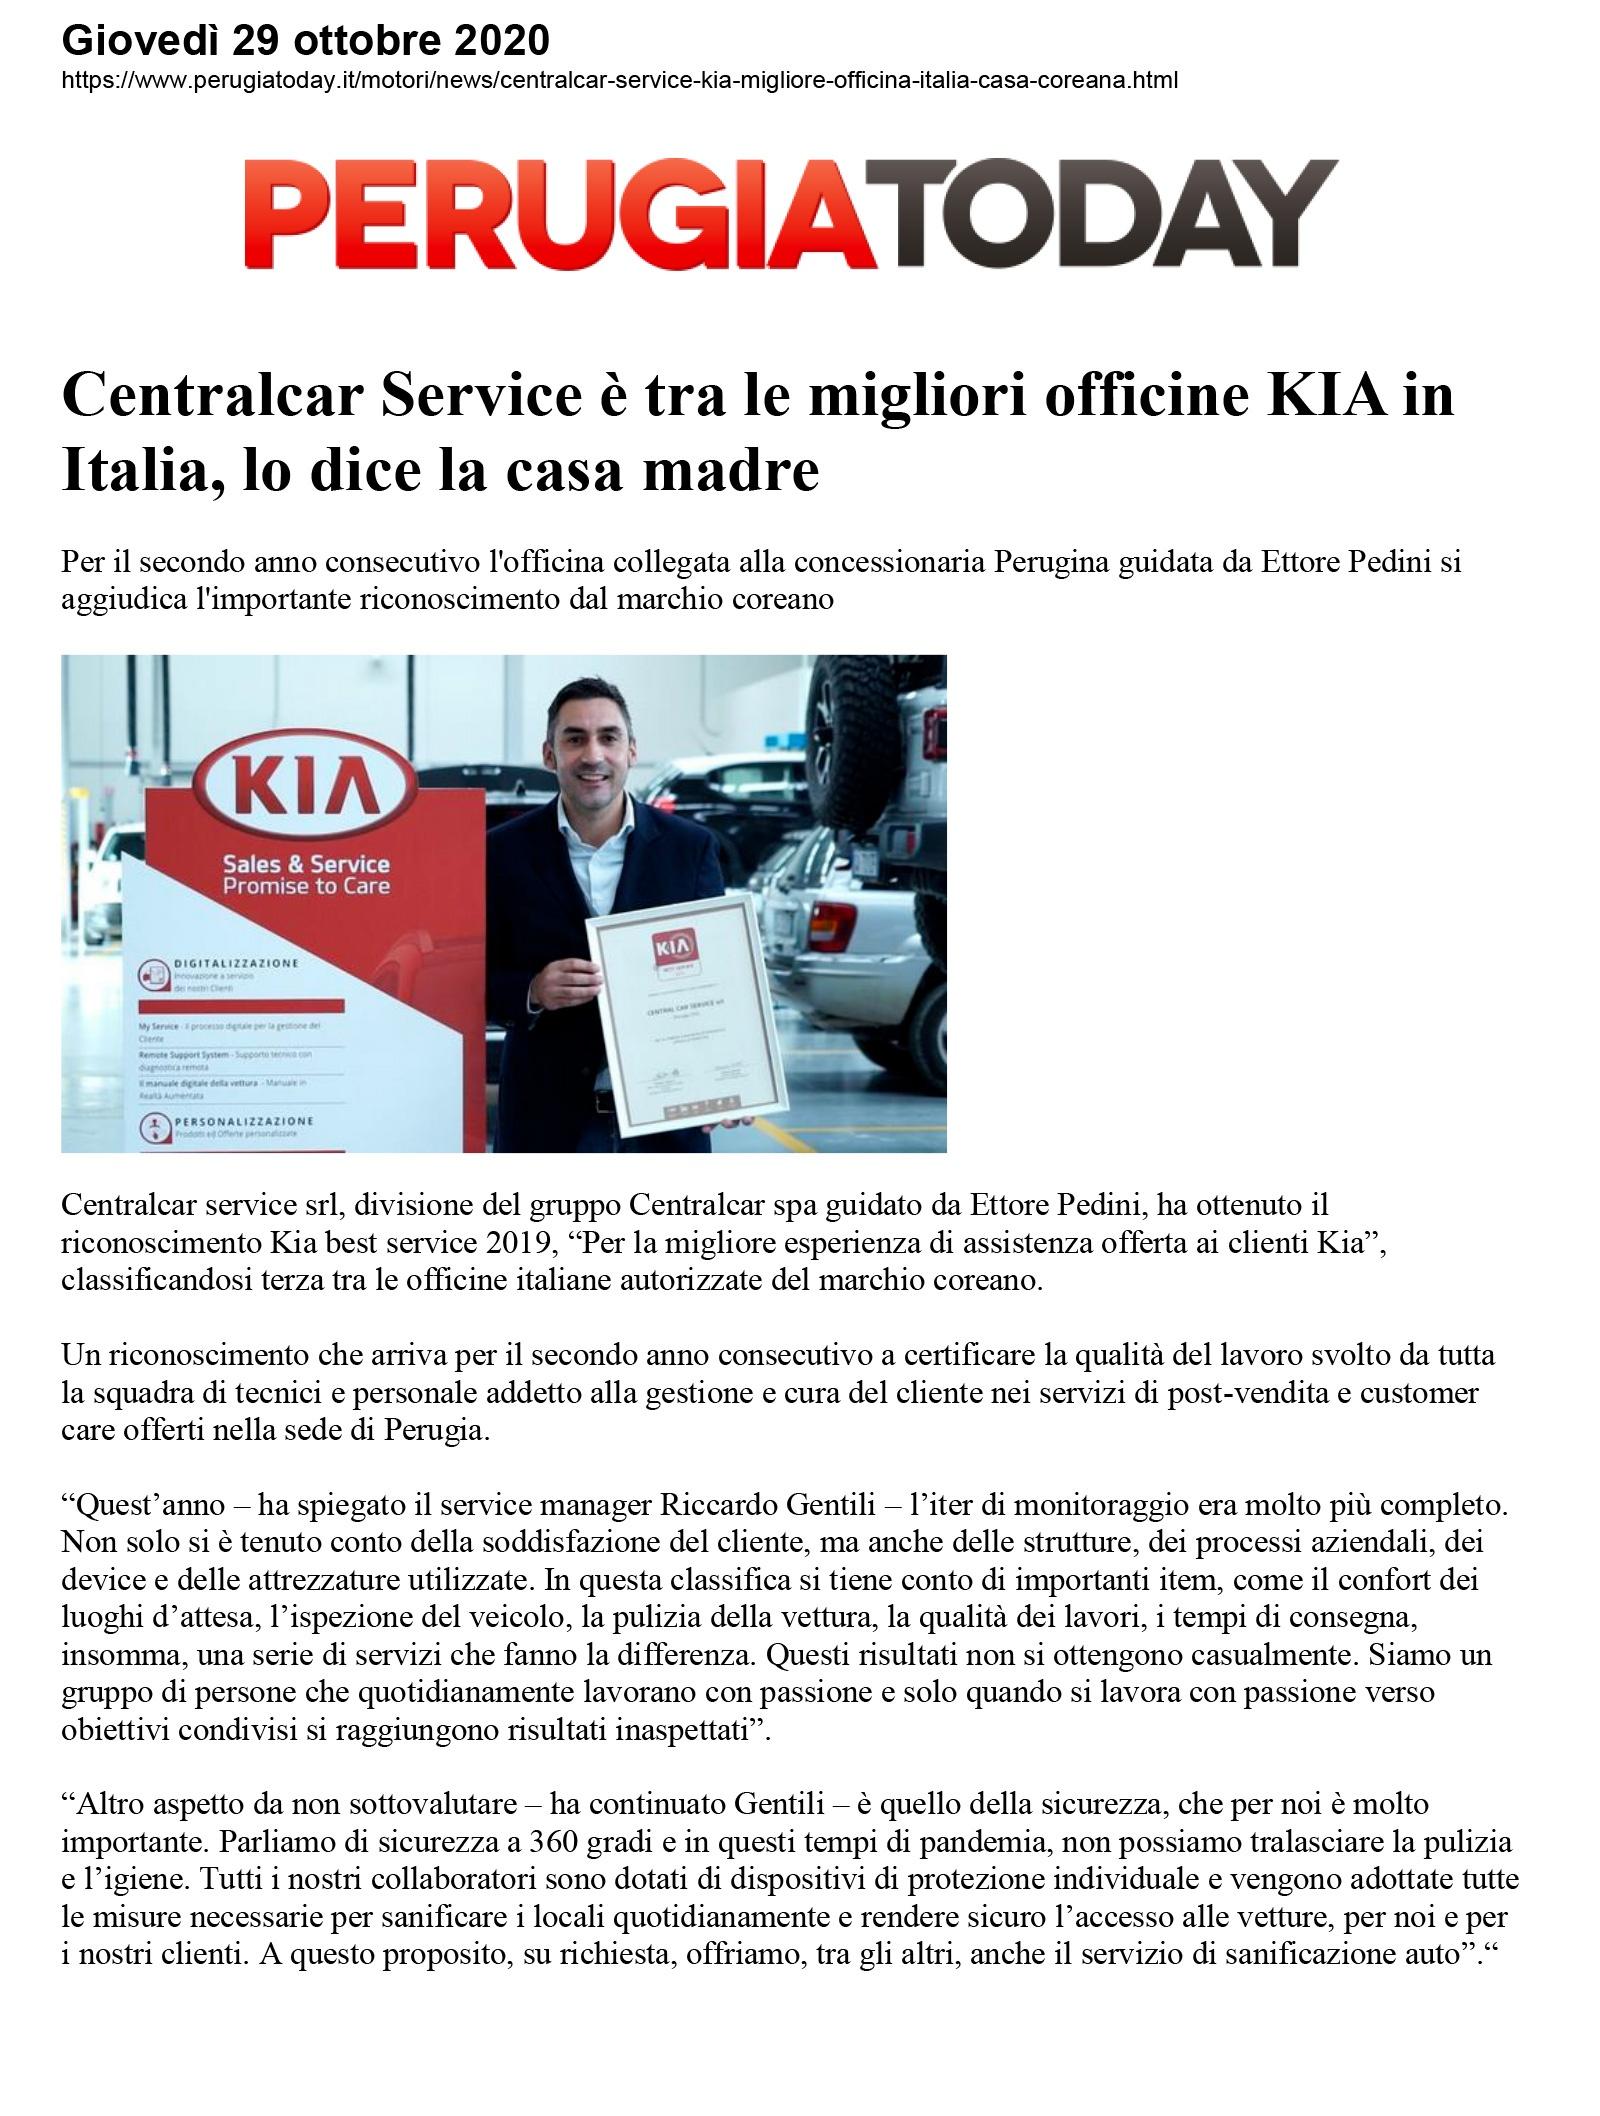 Centralcar Service è tra le migliori officine KIA in Italia, lo dice la casa madre